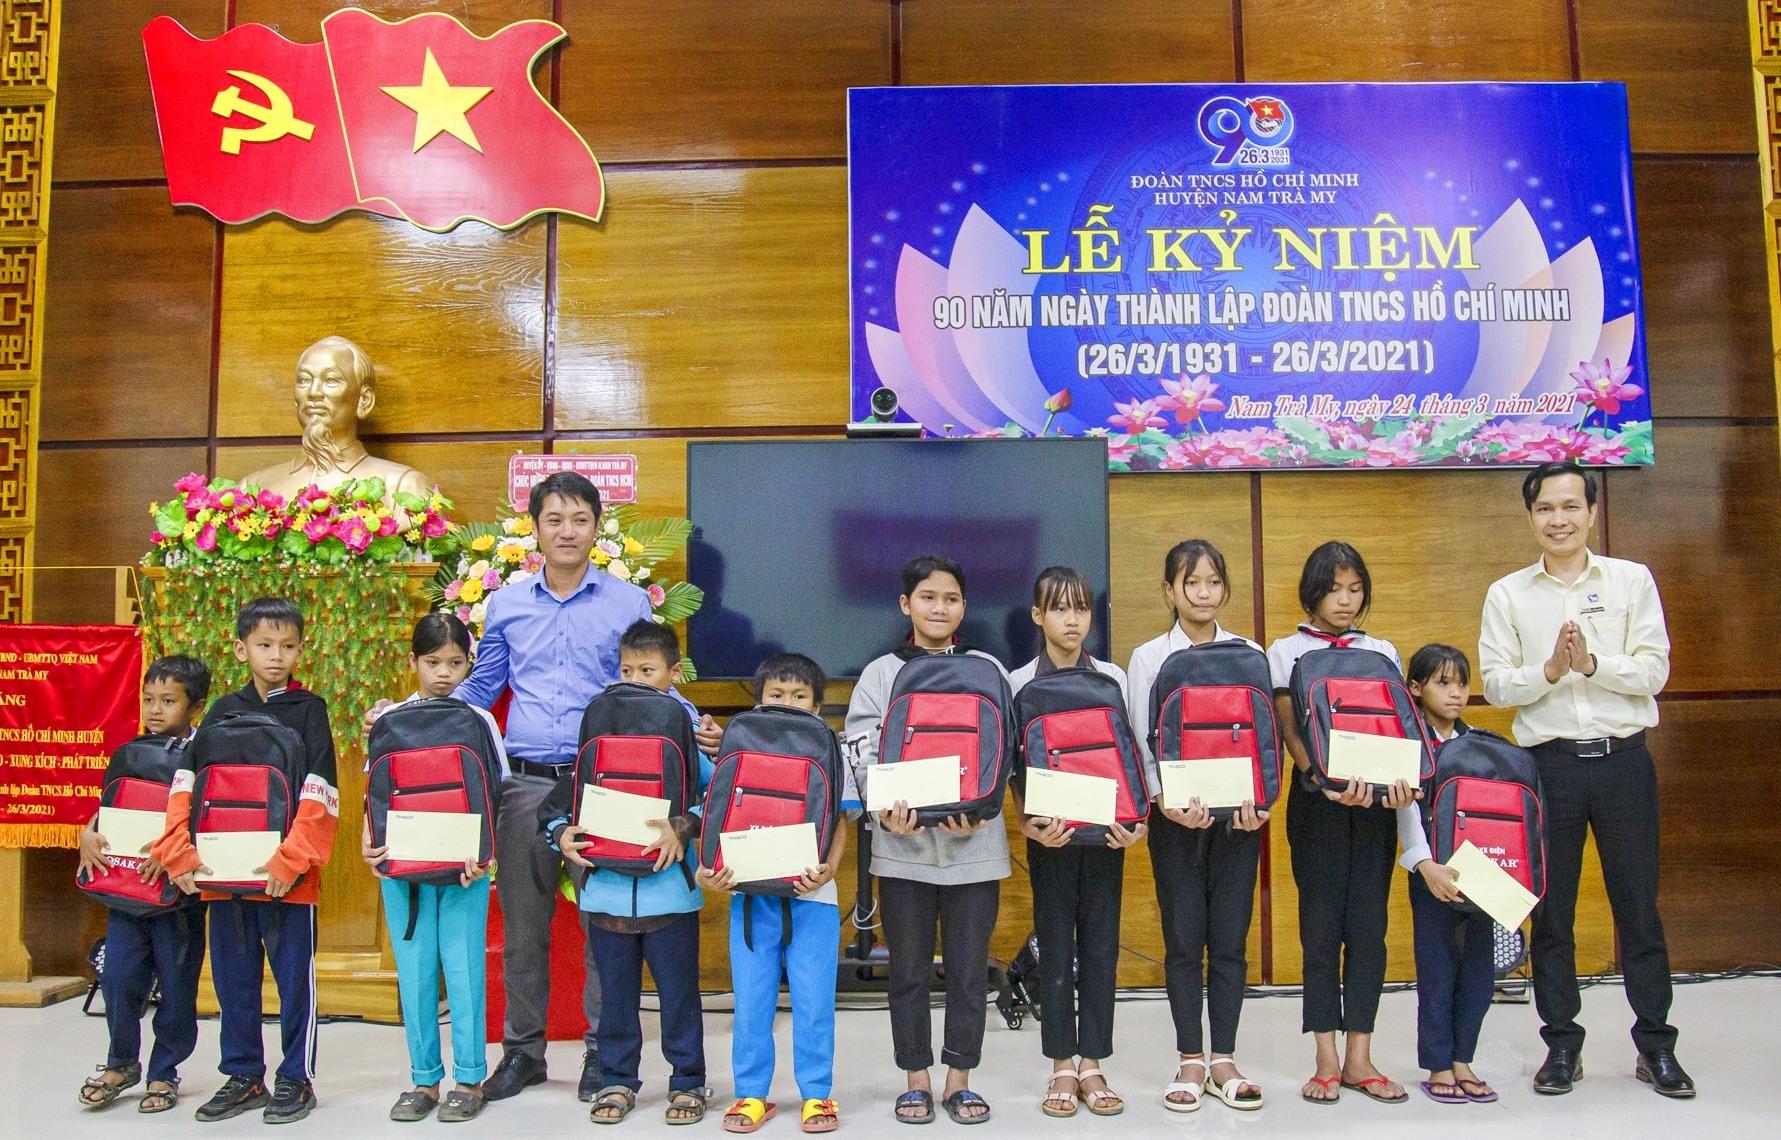 Đoàn thanh niên Thaco trao 10 suất học bổng cho học sinh có hoàn cảnh khó khăn trên địa bàn Nam Trà My.